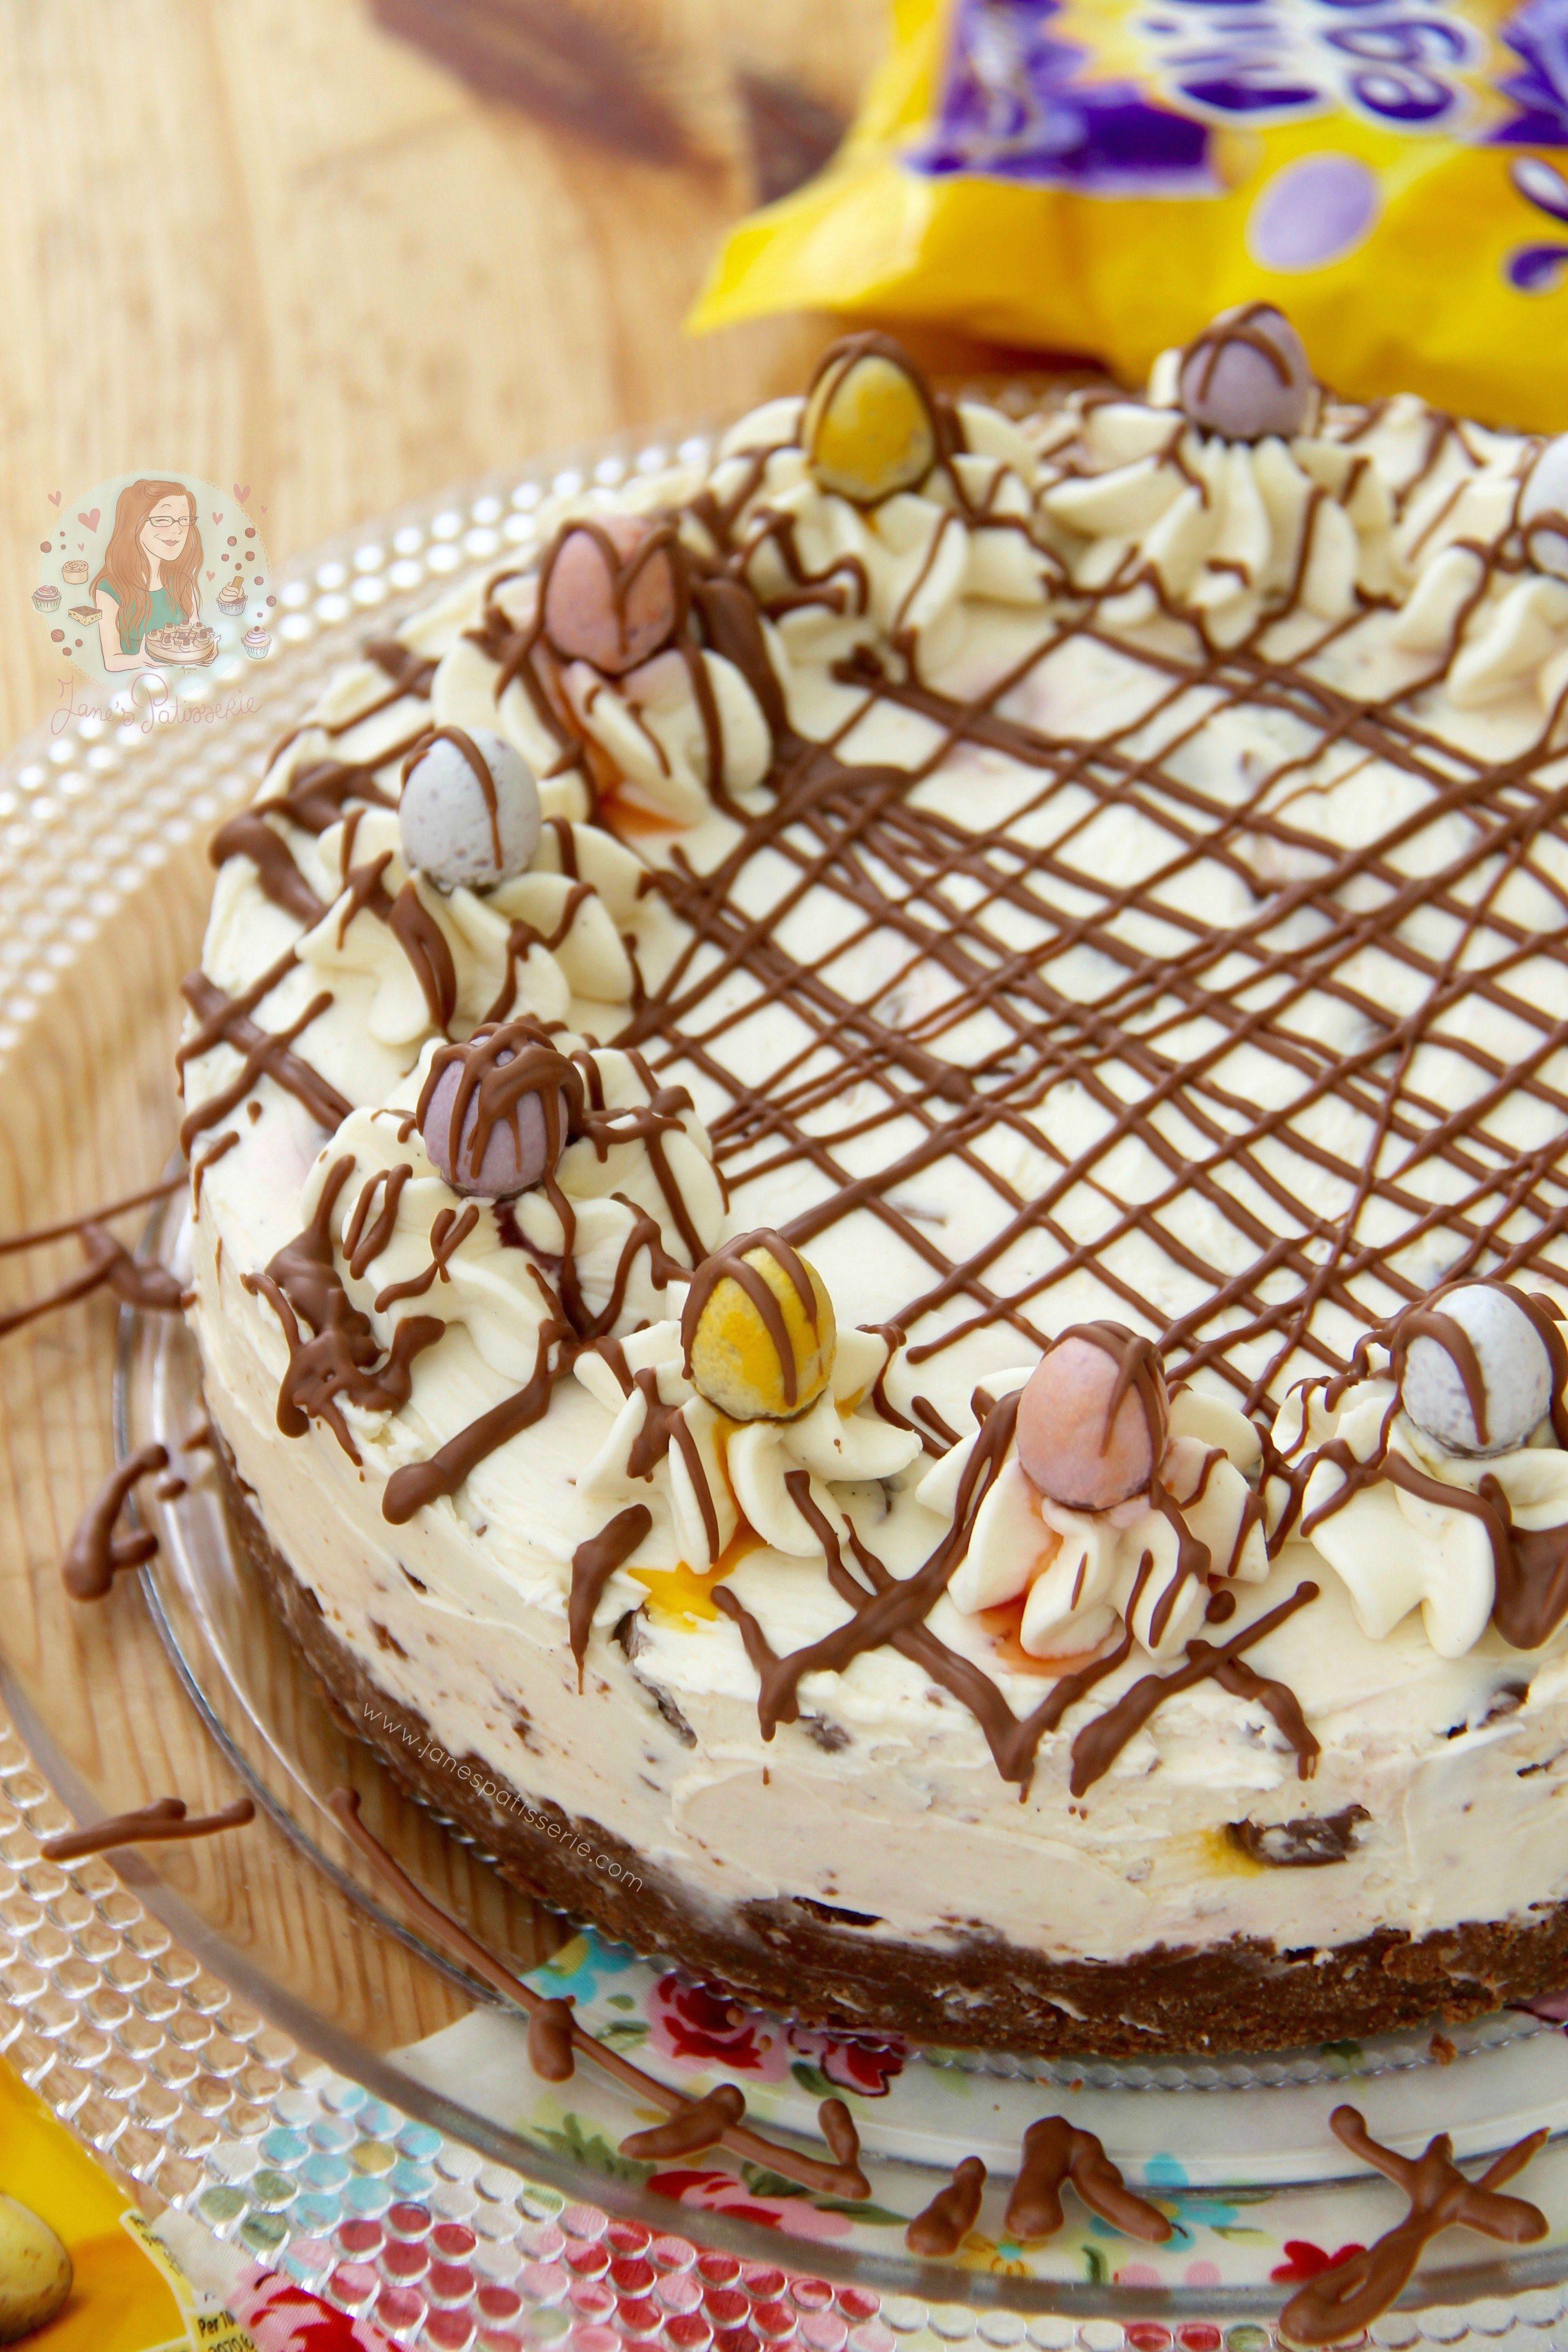 How to make cheesecake eggs